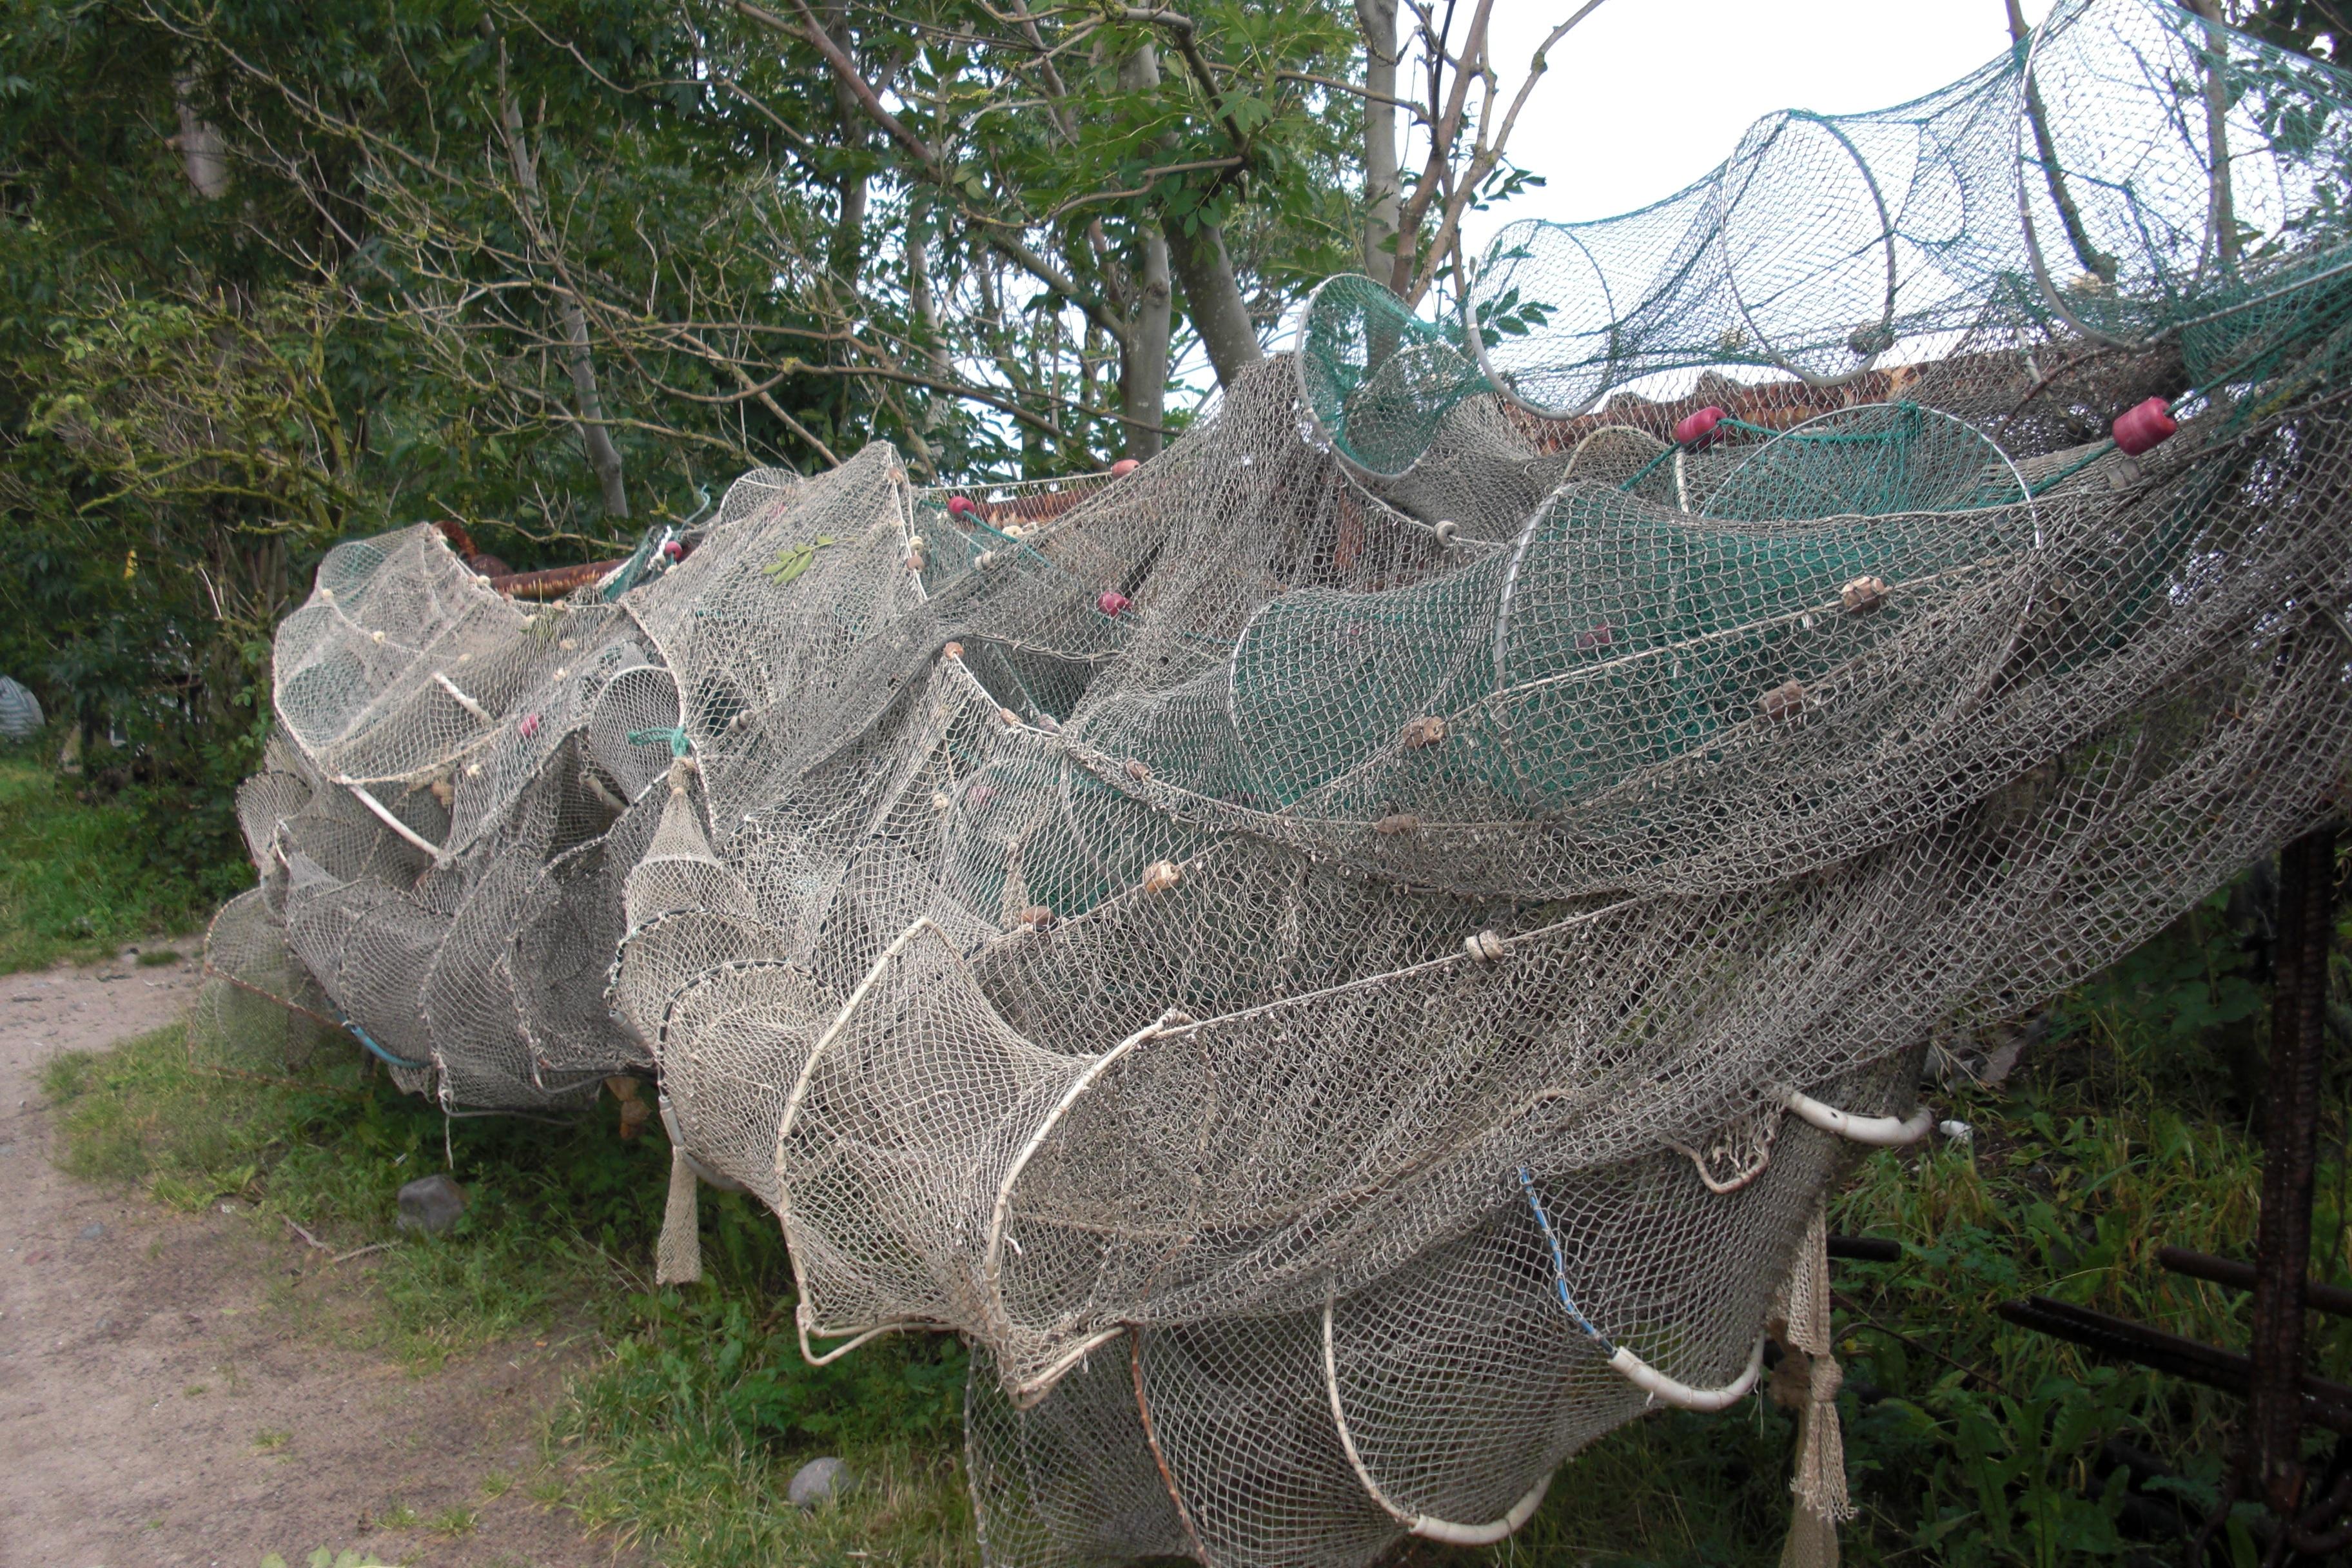 фото самоловы для рыбы из сетки кинематографисты когда-нибудь